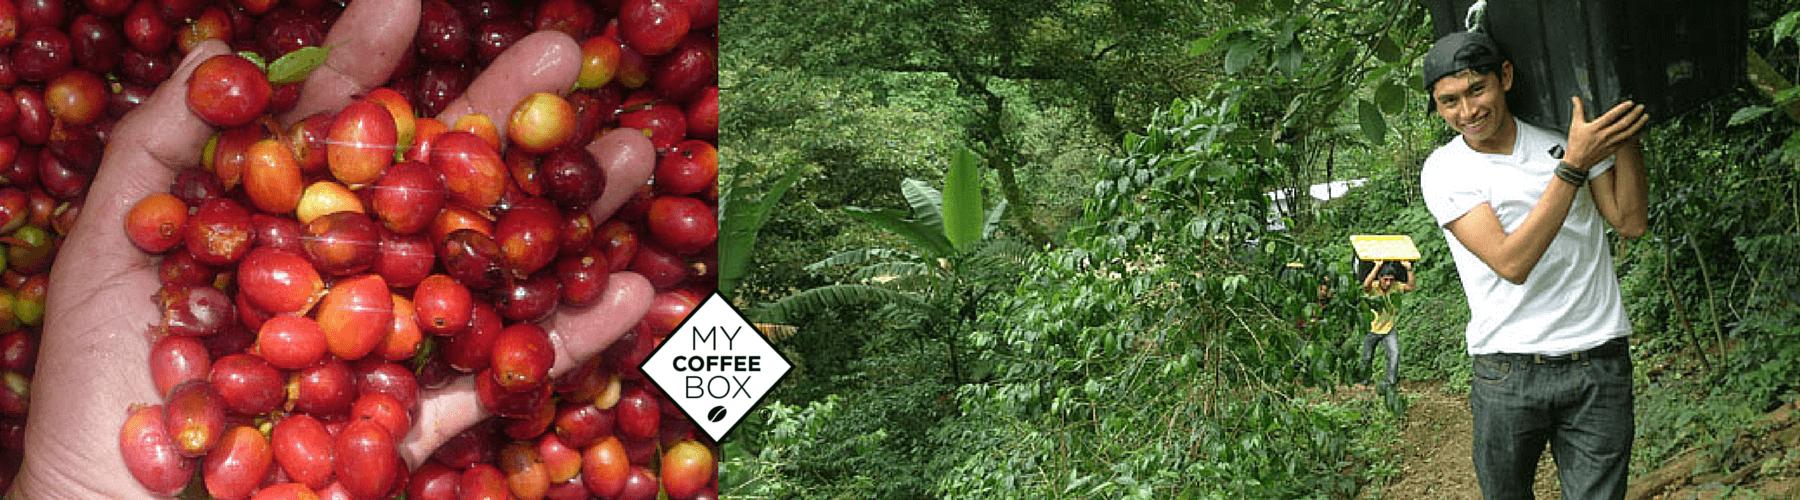 triunfo verde cafe organico de chiapas mycoffeebox